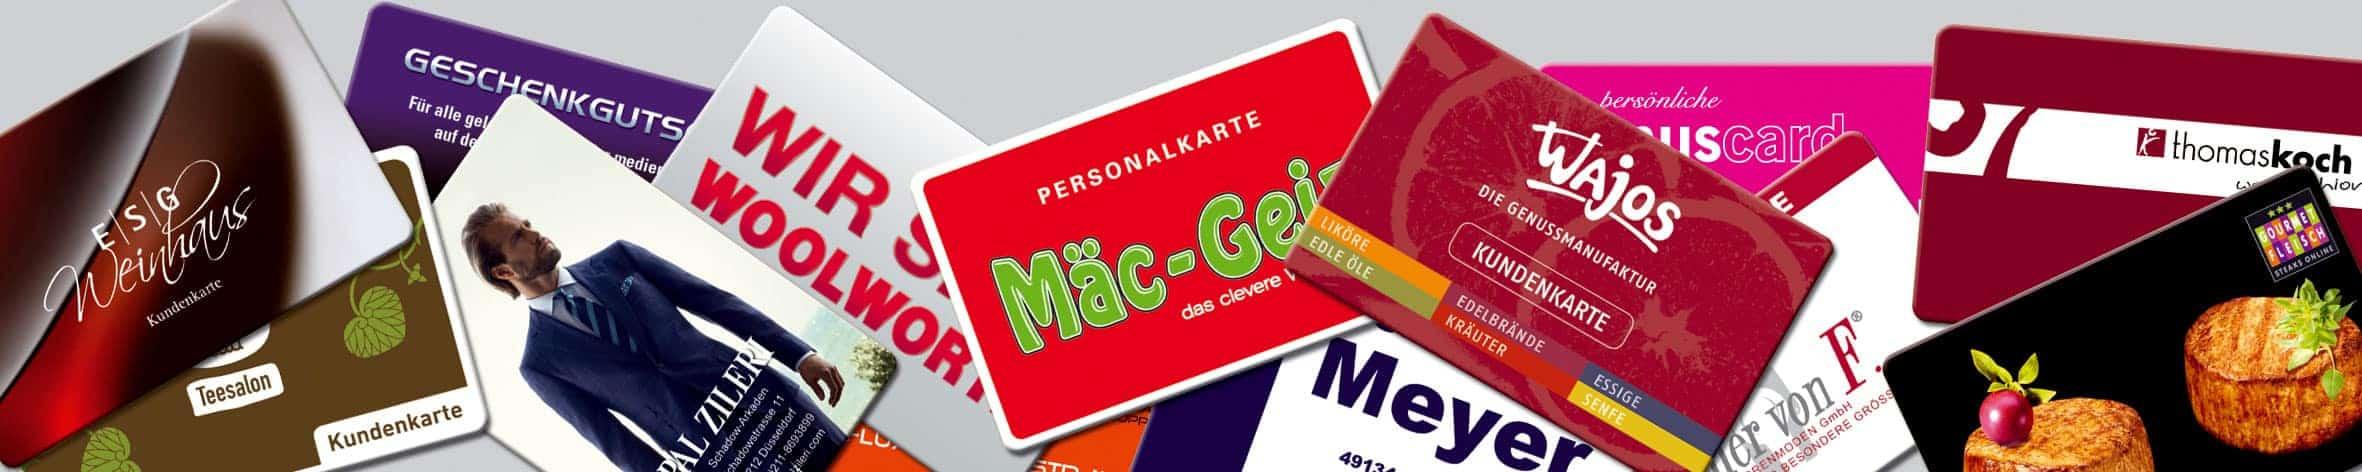 Kunden- und Bonuskarten